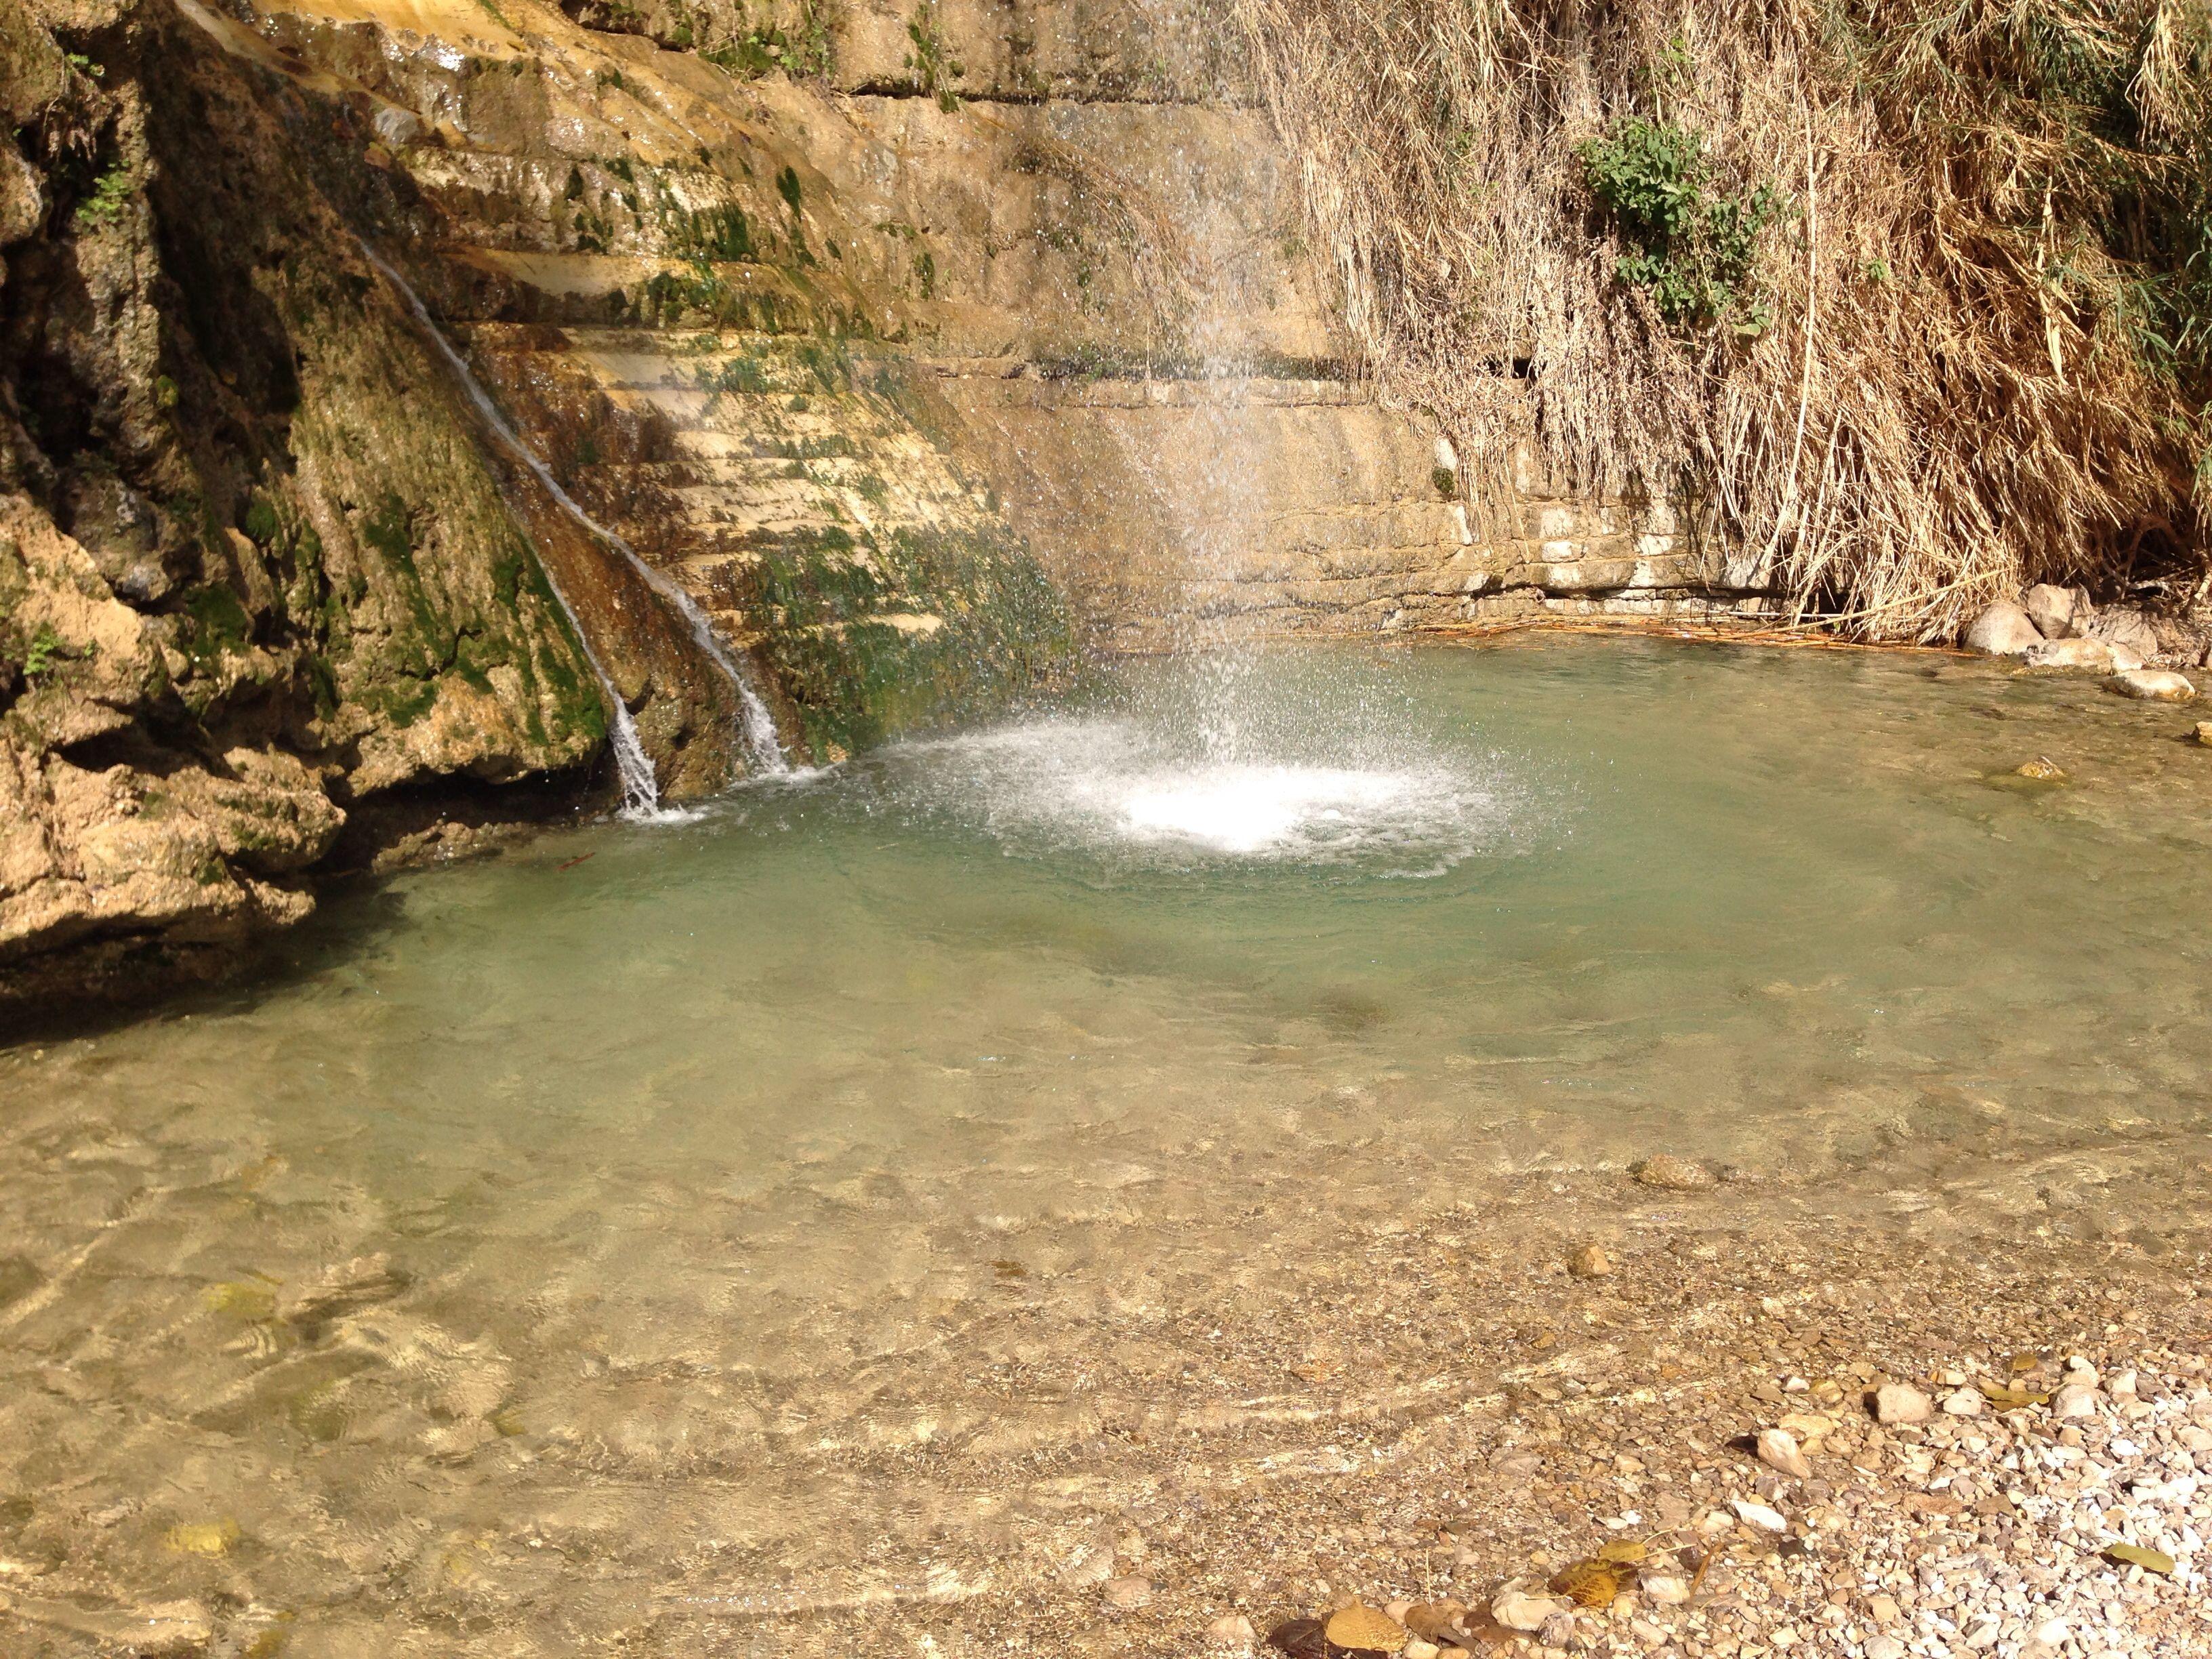 En Gedi ( near the Dead Sea in Israel)